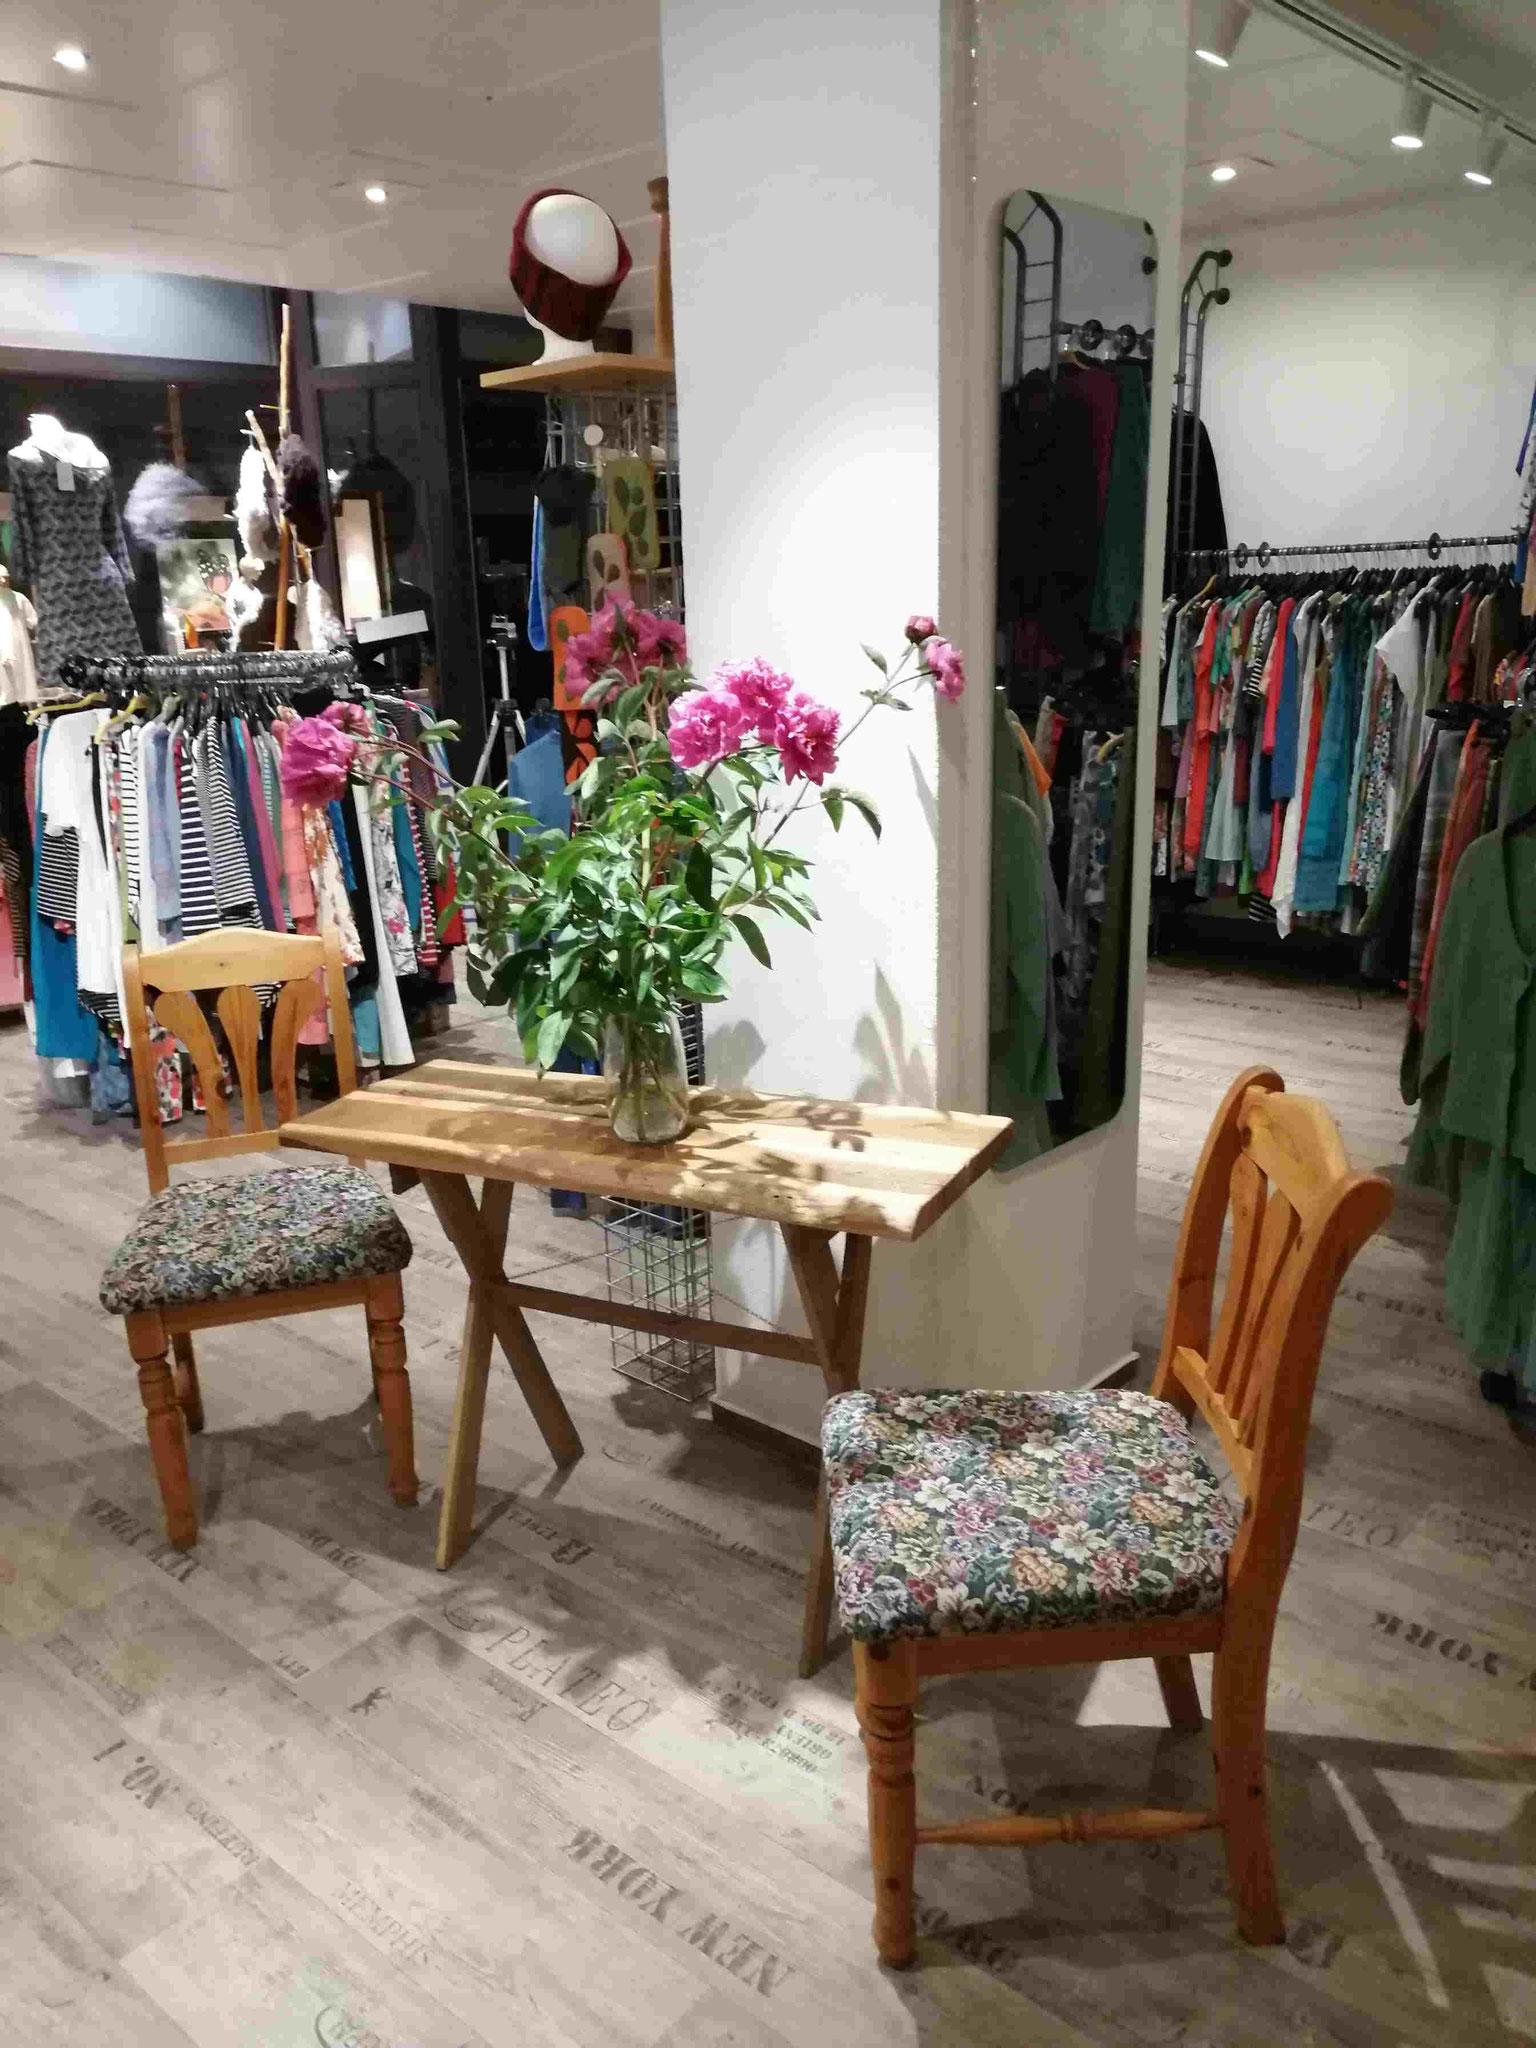 Laden Innenaufnahme Sitzecke Holz